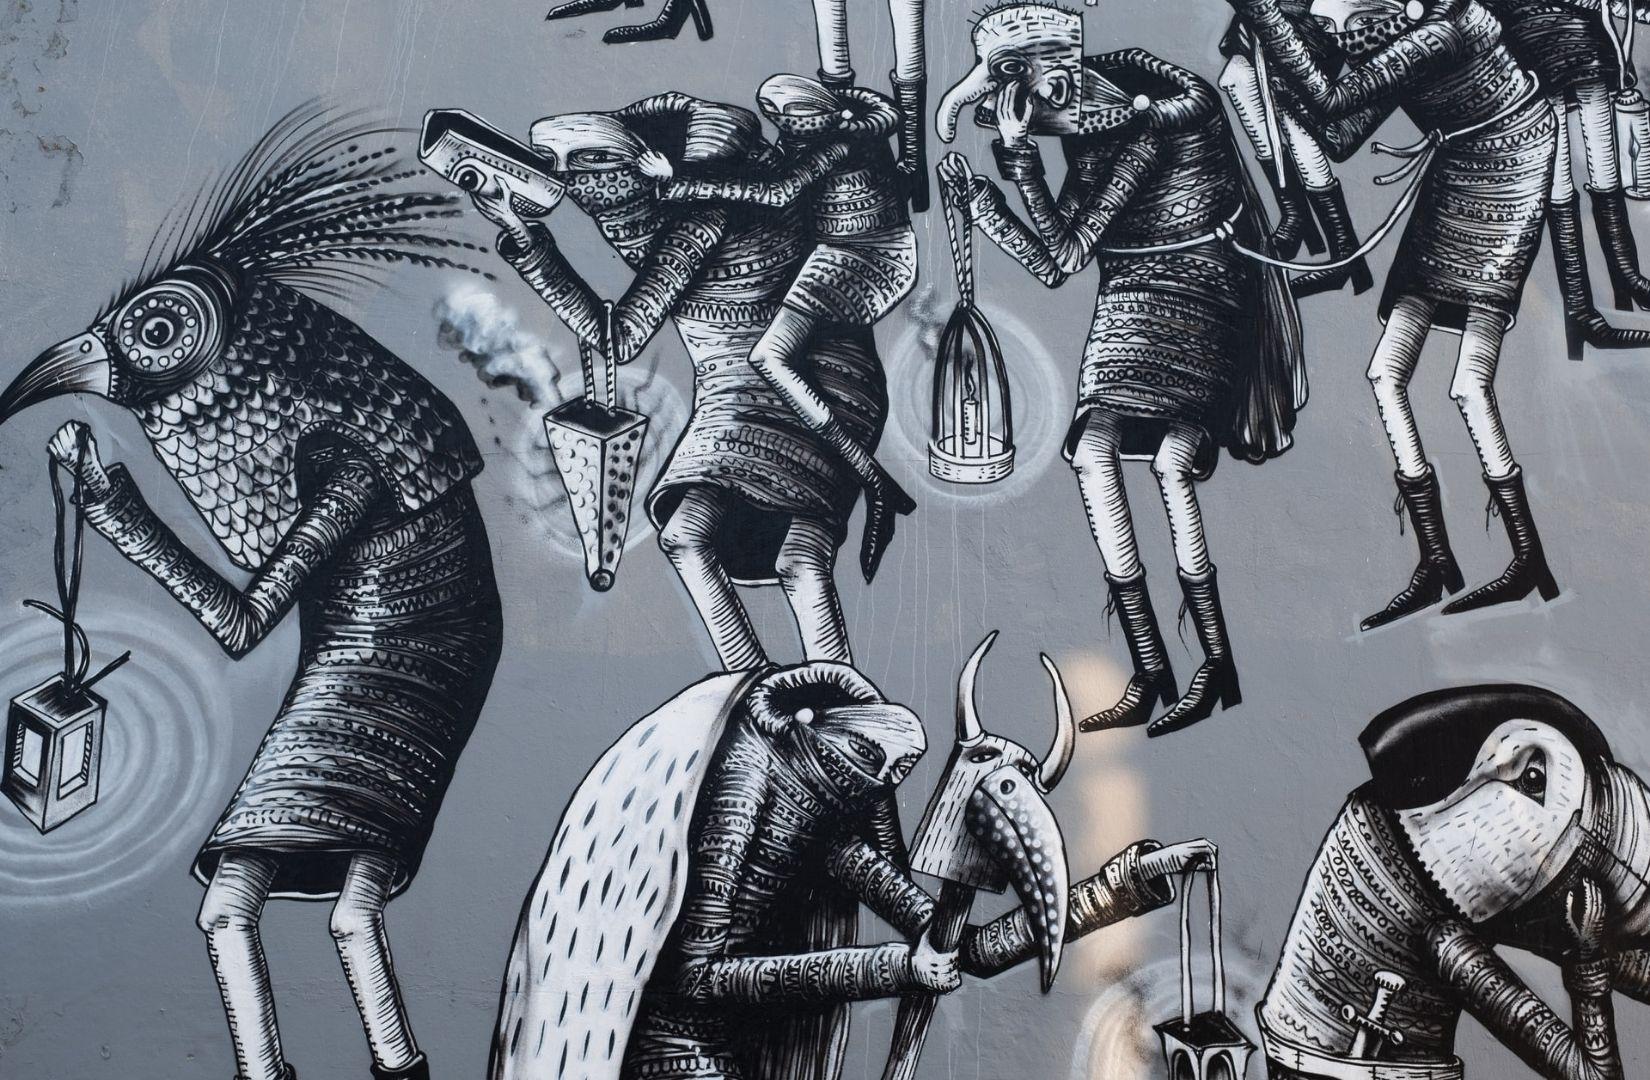 Mit Sūnzǐ Bīngfǎ hat das Graffiti-Wandbild in Reykjavik, Island, nichts zu tun. (Foto: Lance Anderson, Unsplash.com)